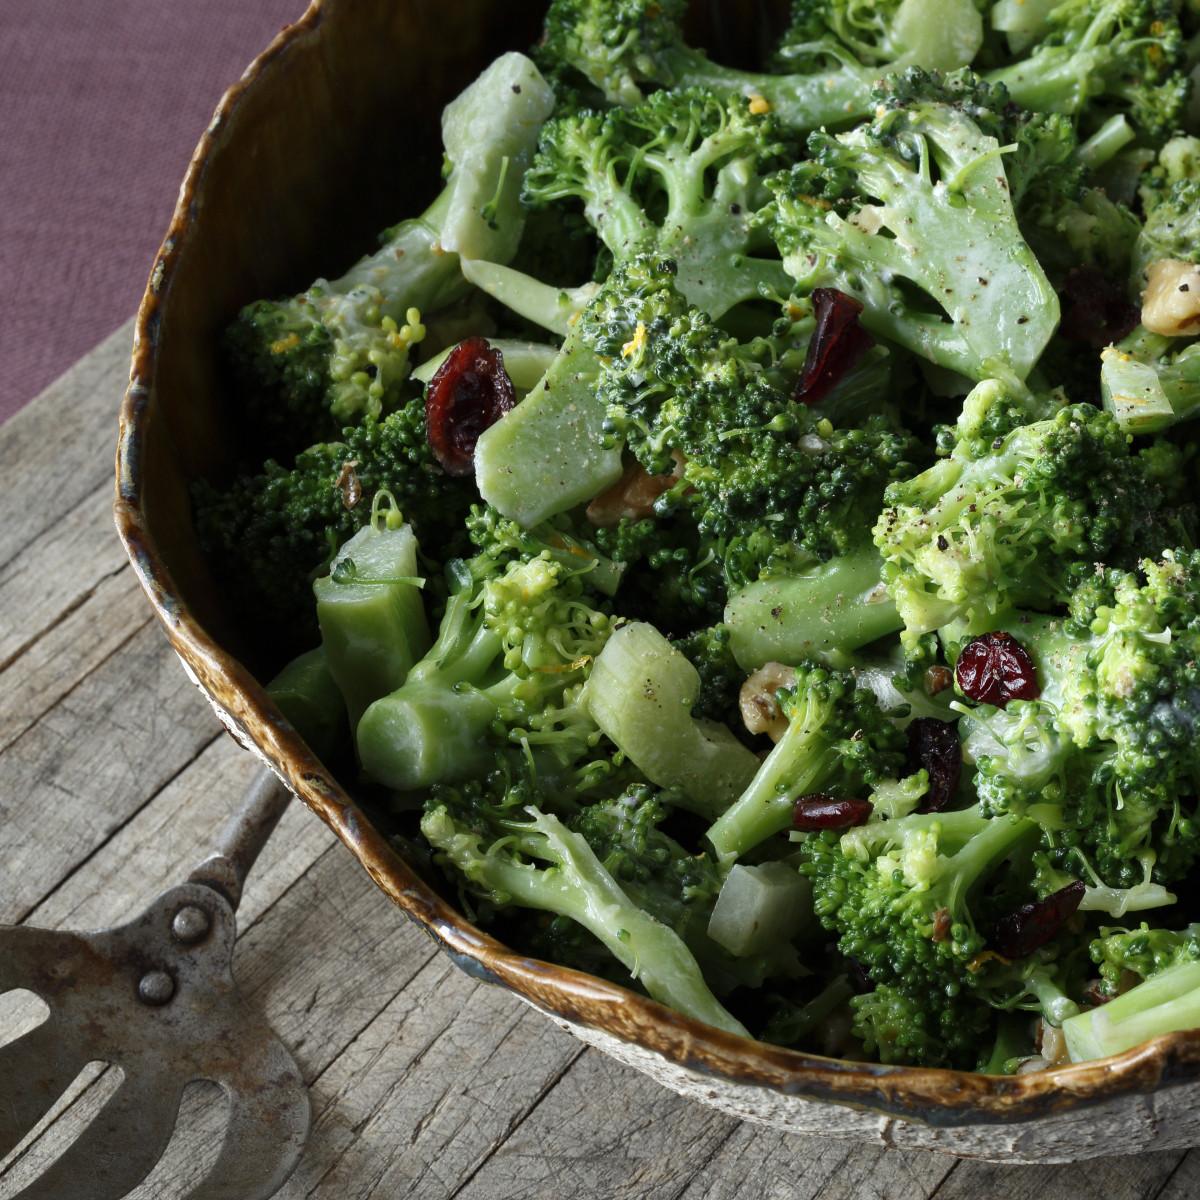 Cold Broccoli Salad  Cold Broccoli Salad The Local Palate